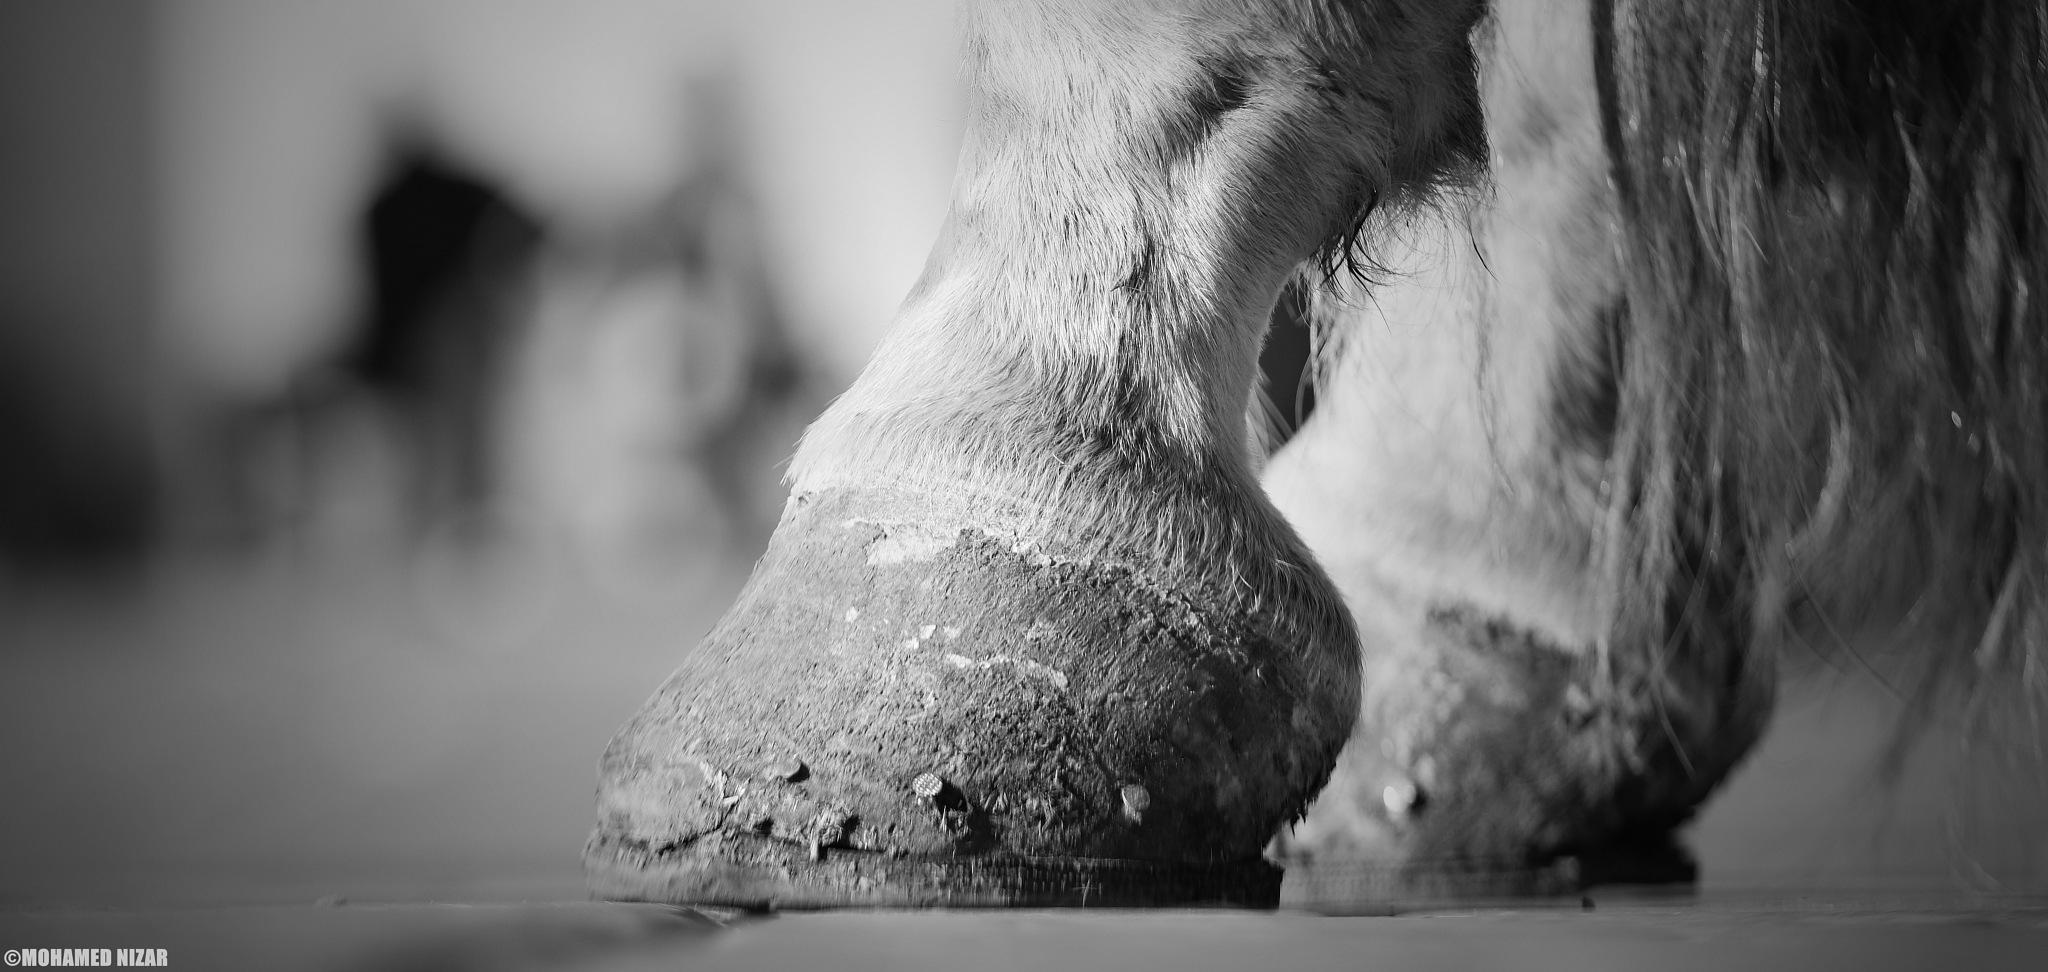 Feet by Mohamed Nizar Photography